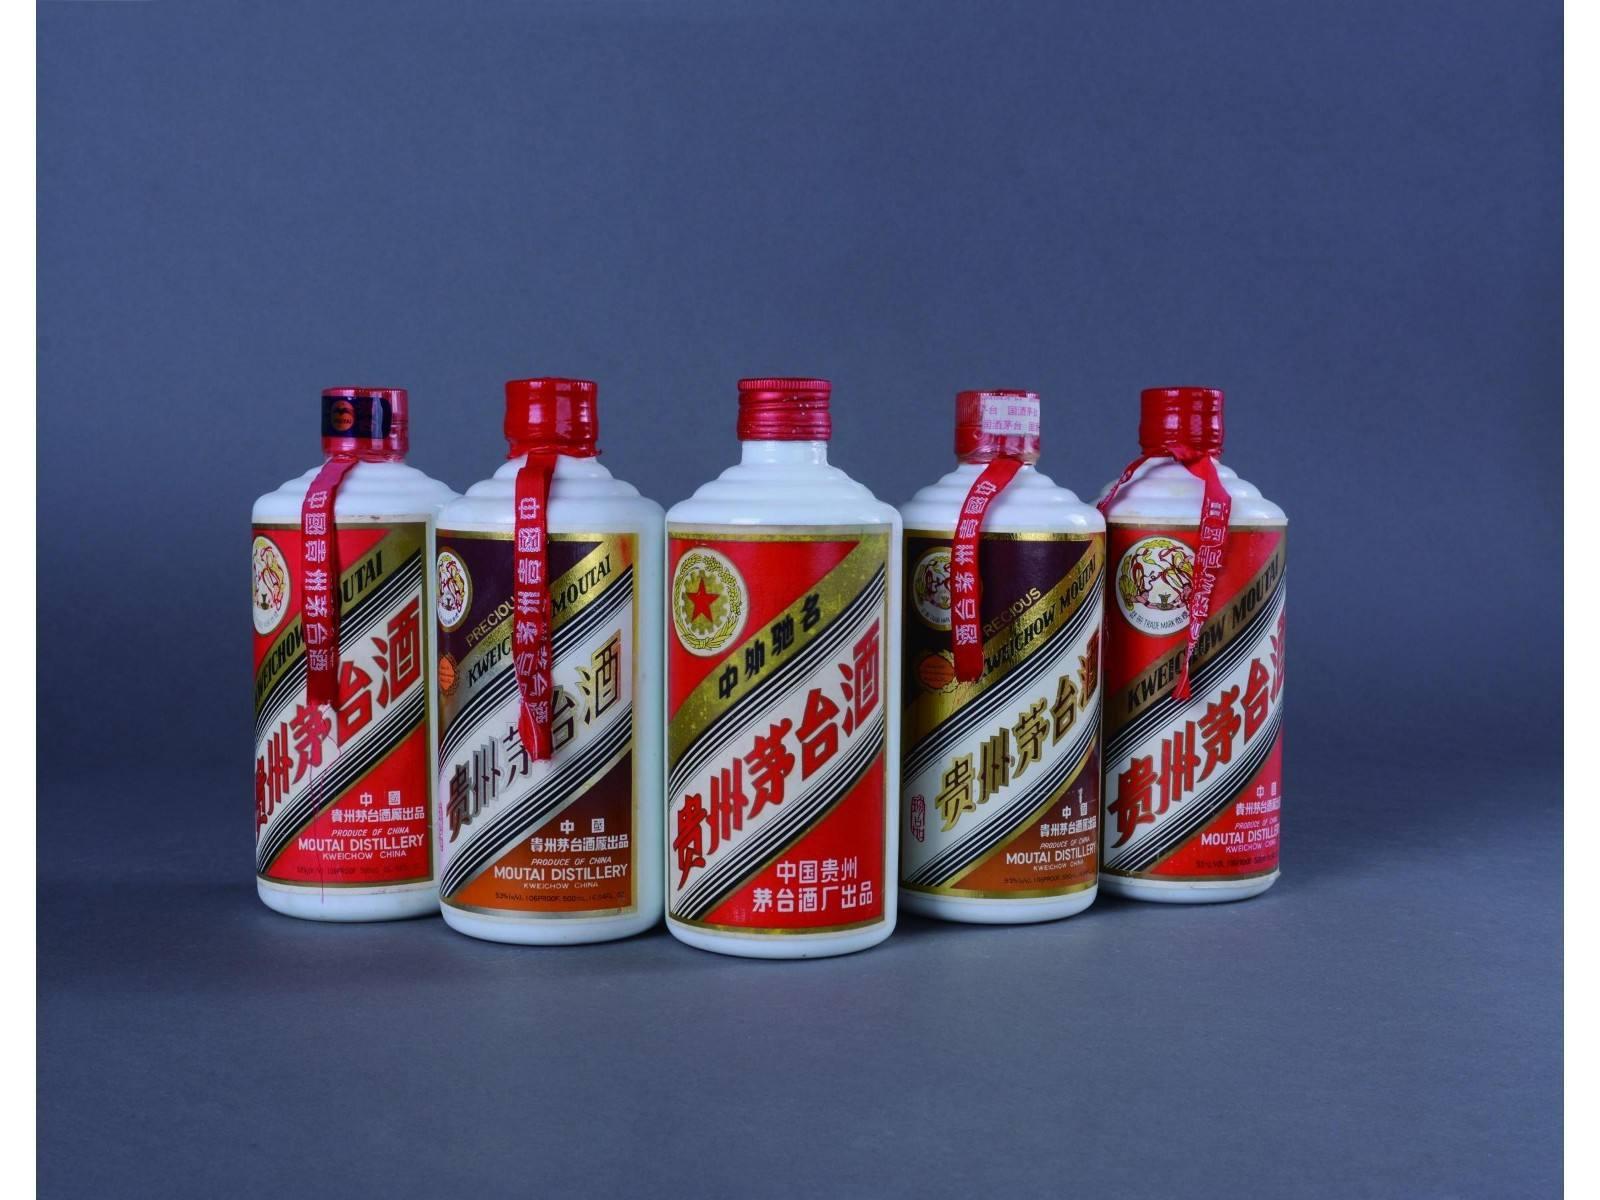 唐山回收生肖茅台酒价格 高价回收2015年茅台酒诚信专业